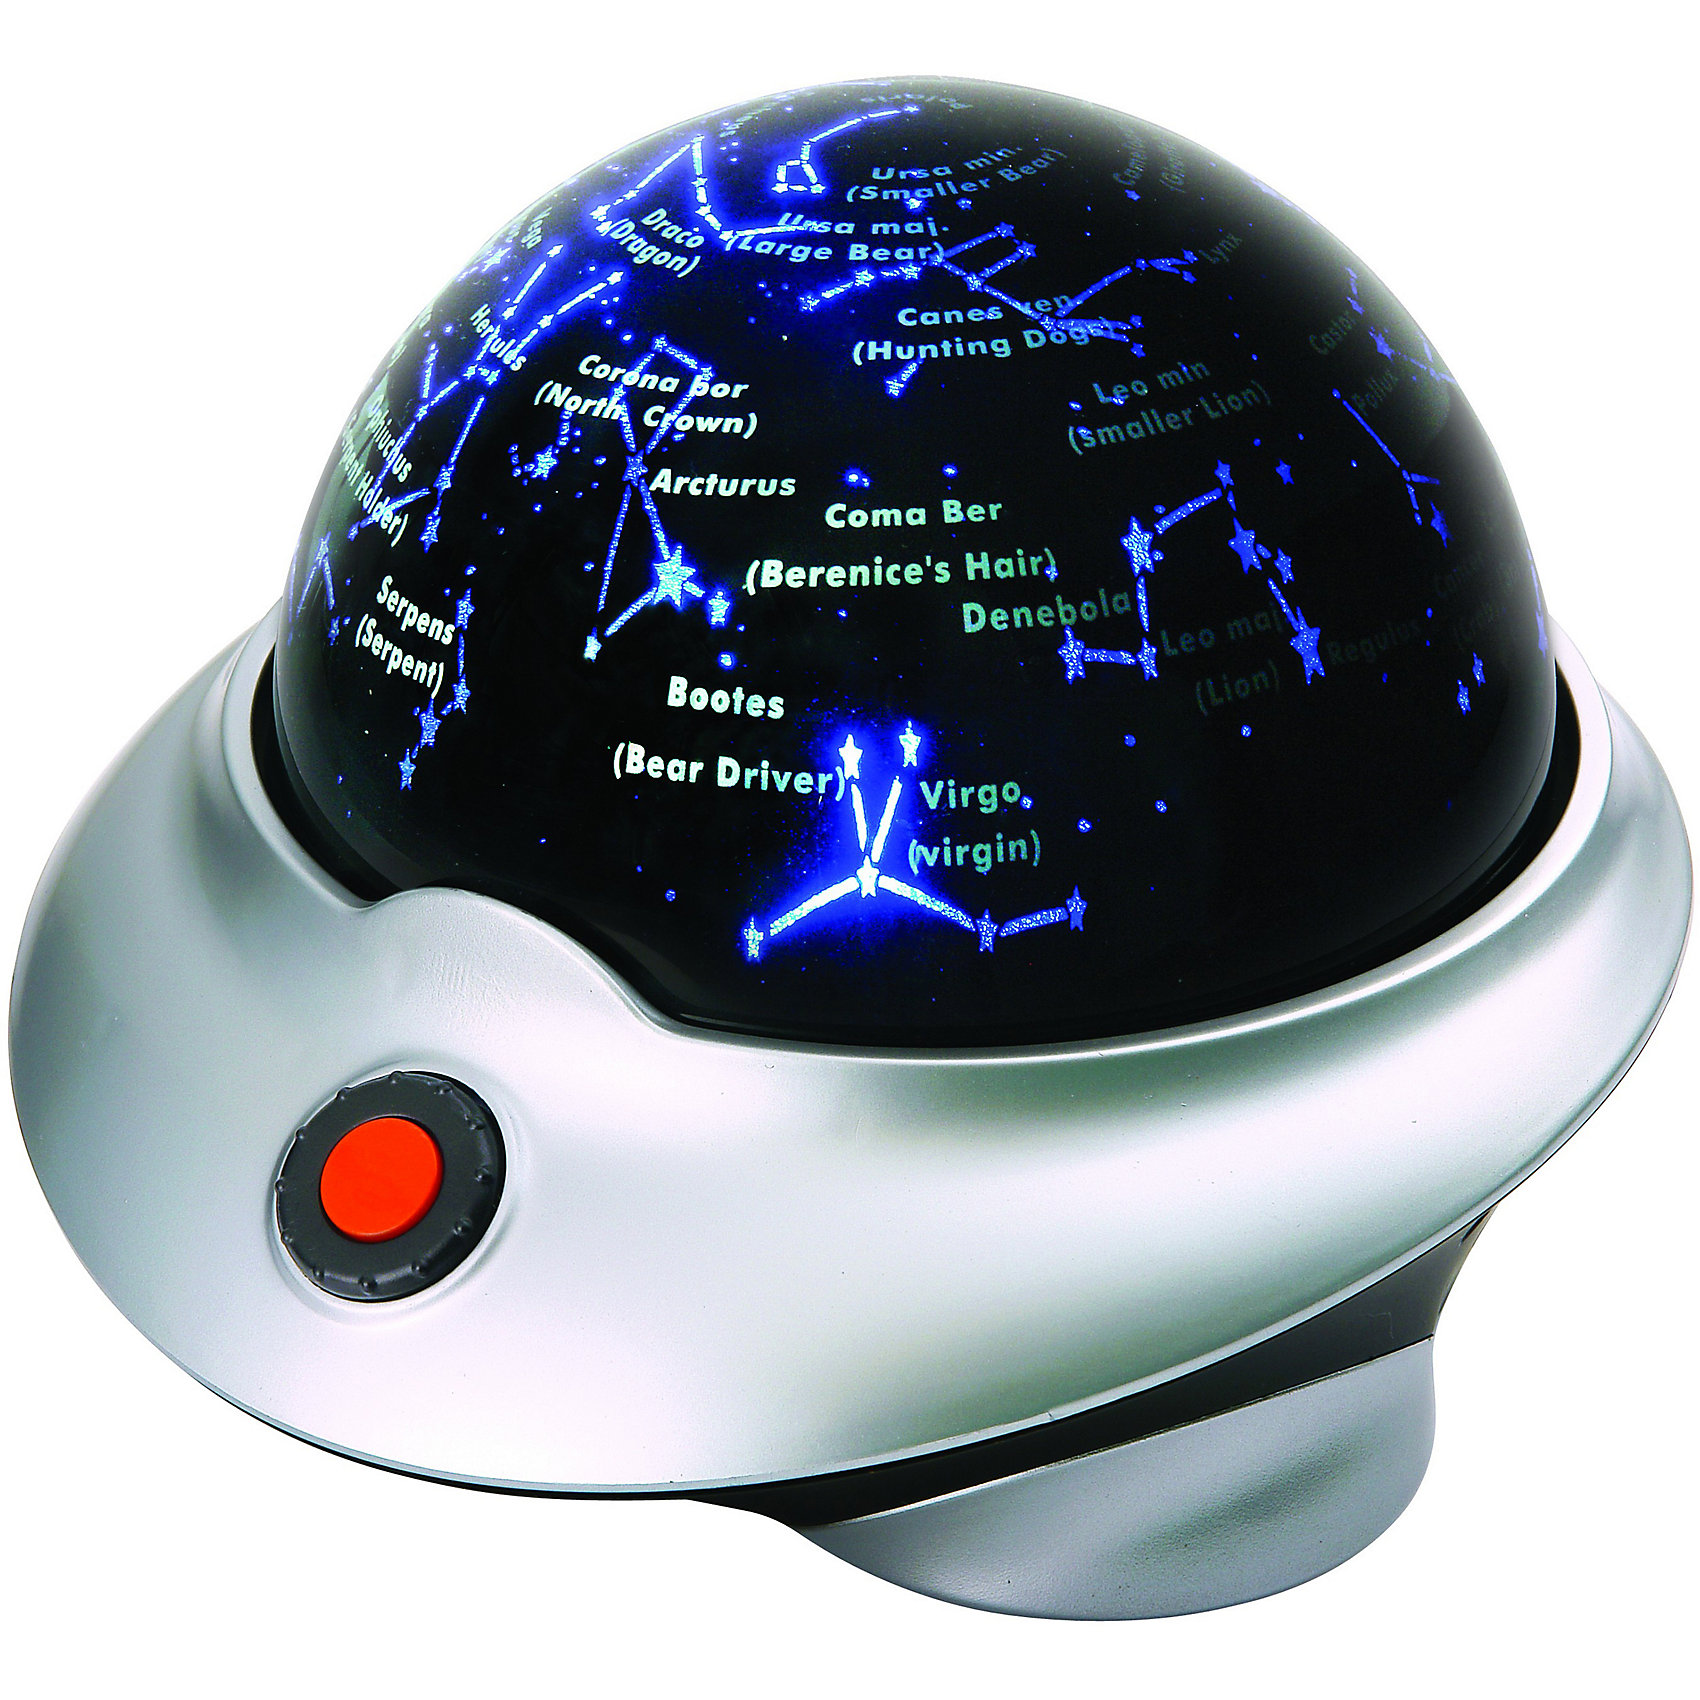 Планетарий, Edu-ToysЭксперименты и опыты<br>Оригинальная обучающая игрушка Планетарий, Edu-Toys совмещает в себе сразу две функции: это мини-планетарий, который познакомит Вашего ребенка со звездами и созвездиями и замечательный ночник, под который так приятно засыпать. Планетарий представляет собой сферу на устойчивой подставке, при включении она начинает вращаться и проецировать на потолок изображение звездного неба. Плывущие по ночному небу звезды и планеты выглядят очень реалистично и создают впечатляющие визуальные эффекты. Вращение сферы сопровождается рассказом о созвездиях и связанных с ними древних мифах (на английском языке). Включается и выключается игрушка с помощью большой кнопки на корпусе, громкость звука можно регулировать. В комплекте также имеется лазерный указатель, которым ваш ребенок сможет играть и указывать на звезды во время обучения.<br><br>Дополнительная информация:<br><br>- В комплекте: планетарий-ночник, лазерный указатель, CyberSky CD диск с программой для изучения звездного неба, инструкция.<br>- Диаметр планетария: 18 см. <br>- Требуются батарейки: для планетария - 4 х АА (в комплект не входят), для лазерного указателя - 2 х АА (в комплект не входят).<br>- Размер упаковки: 25,5 х 24,5 х 18,5 см.<br>- Вес: 0,87 кг.<br><br>Планетарий, Edu-Toys, можно купить в нашем интернет-магазине.<br><br>Ширина мм: 255<br>Глубина мм: 245<br>Высота мм: 185<br>Вес г: 870<br>Возраст от месяцев: 96<br>Возраст до месяцев: 144<br>Пол: Унисекс<br>Возраст: Детский<br>SKU: 4013706